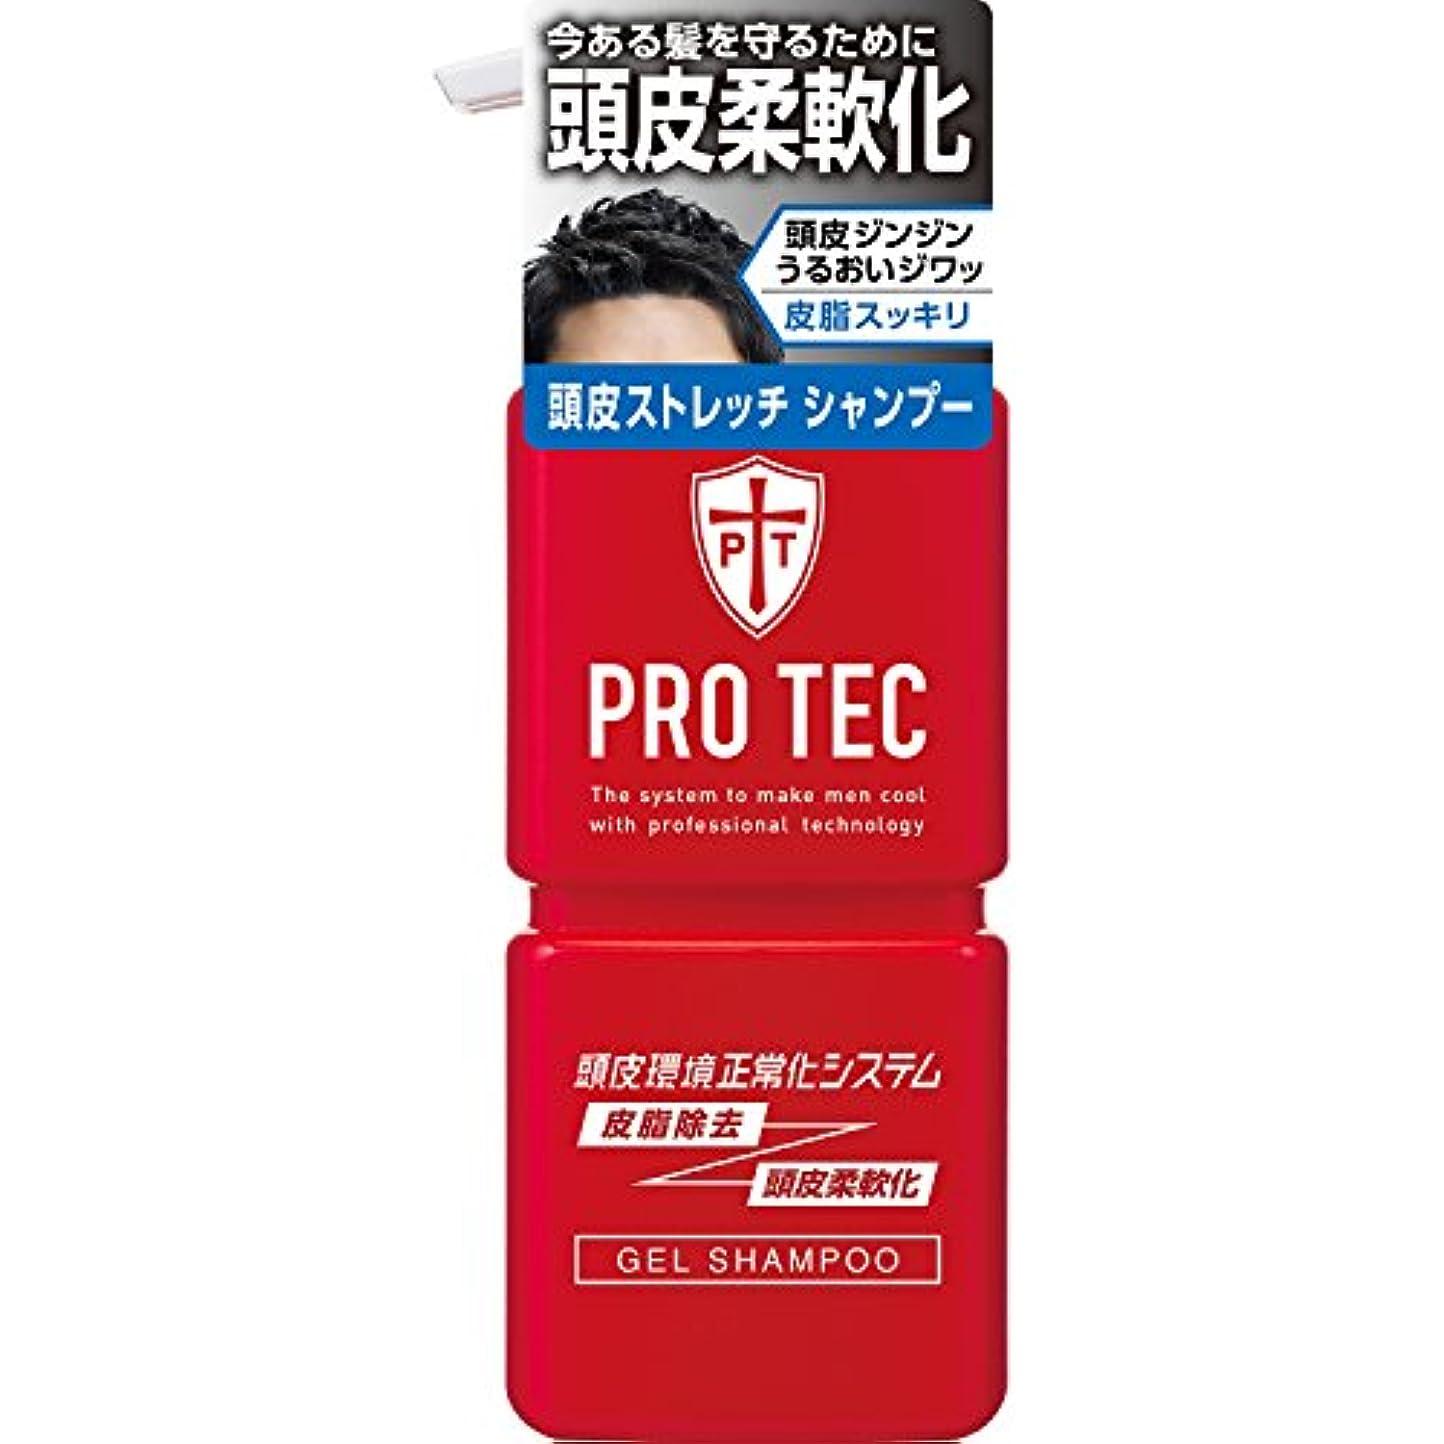 出身地時刻表夜PRO TEC(プロテク) 頭皮ストレッチ シャンプー 本体ポンプ 300g(医薬部外品)